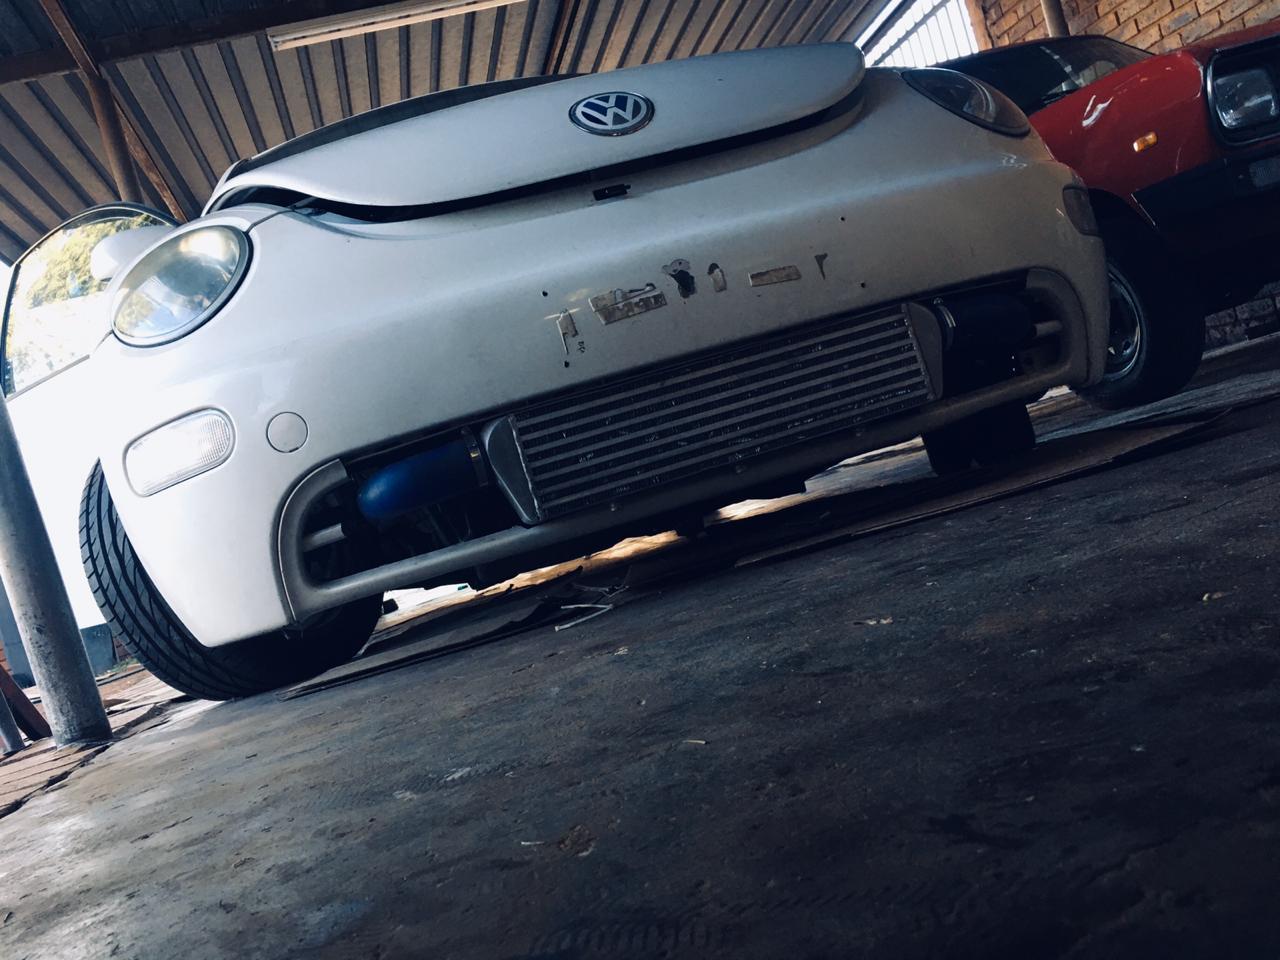 SWOP 2000 VW Beetle 2.0 Highline Project Car For Superbike 1000cc, Model 2003 U